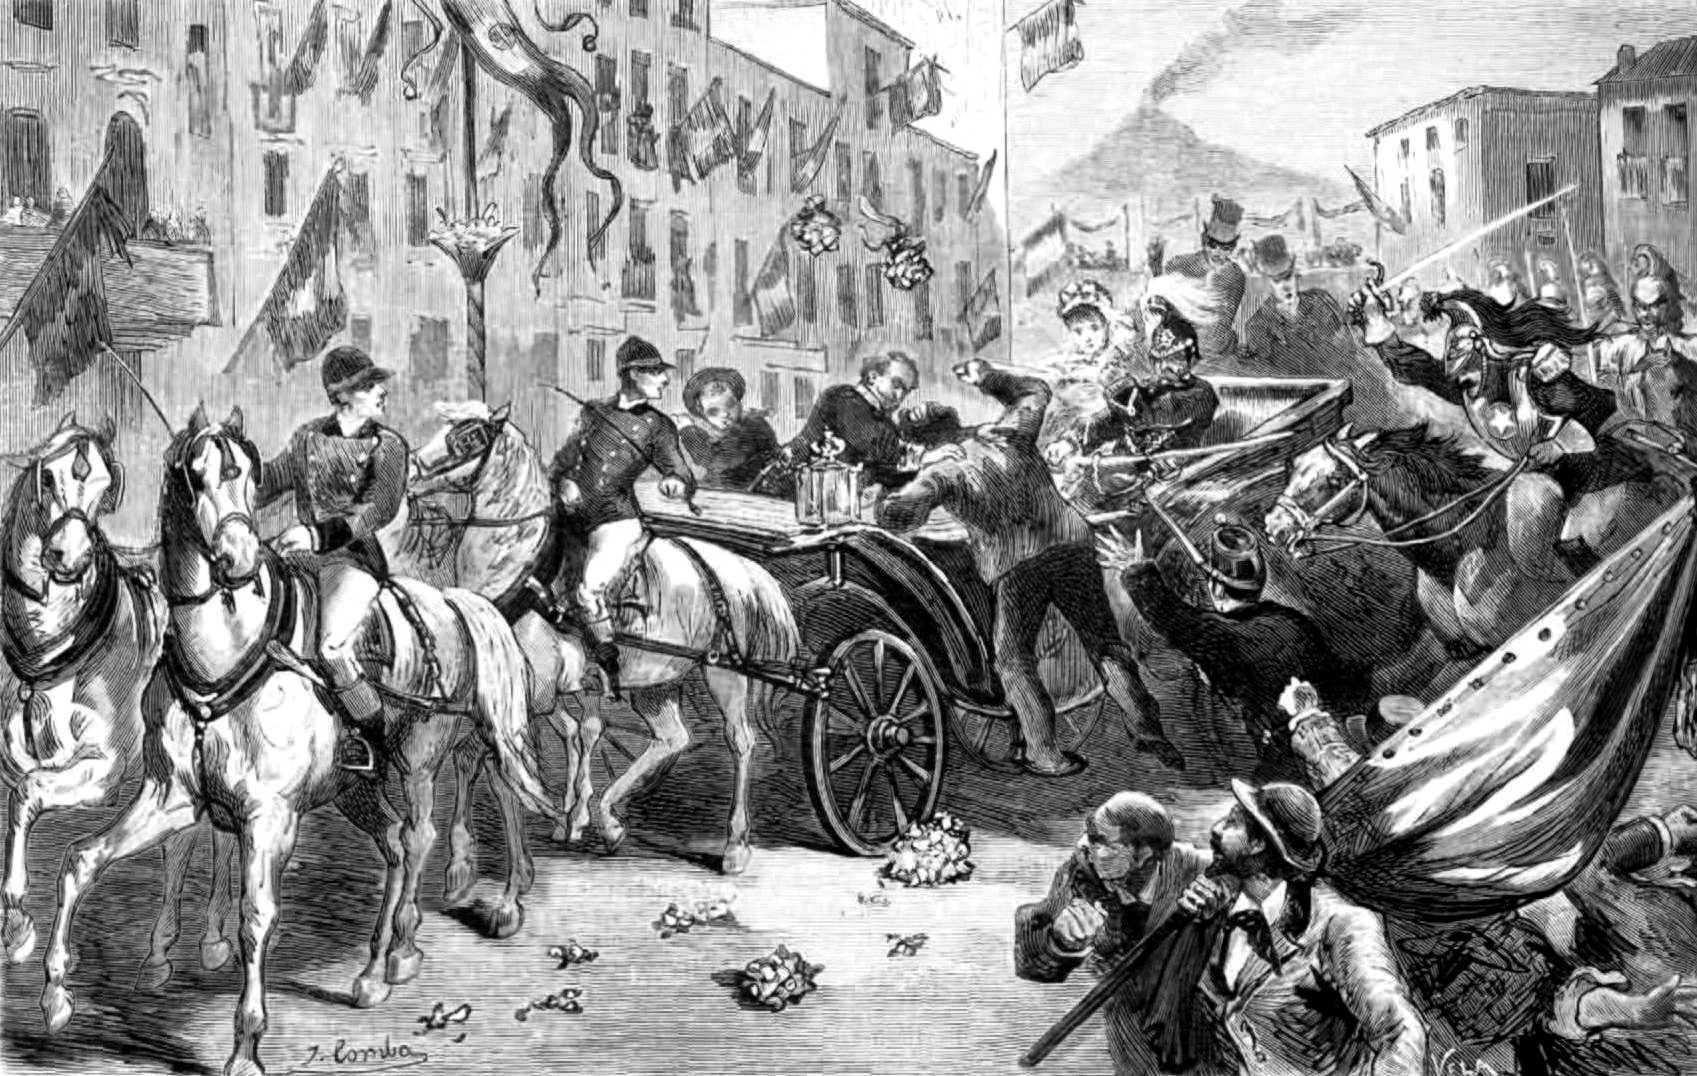 """L'atemptat d'Umbert I segons """"La Ilustración española y Americana"""" del 8 de desembre de 1878"""